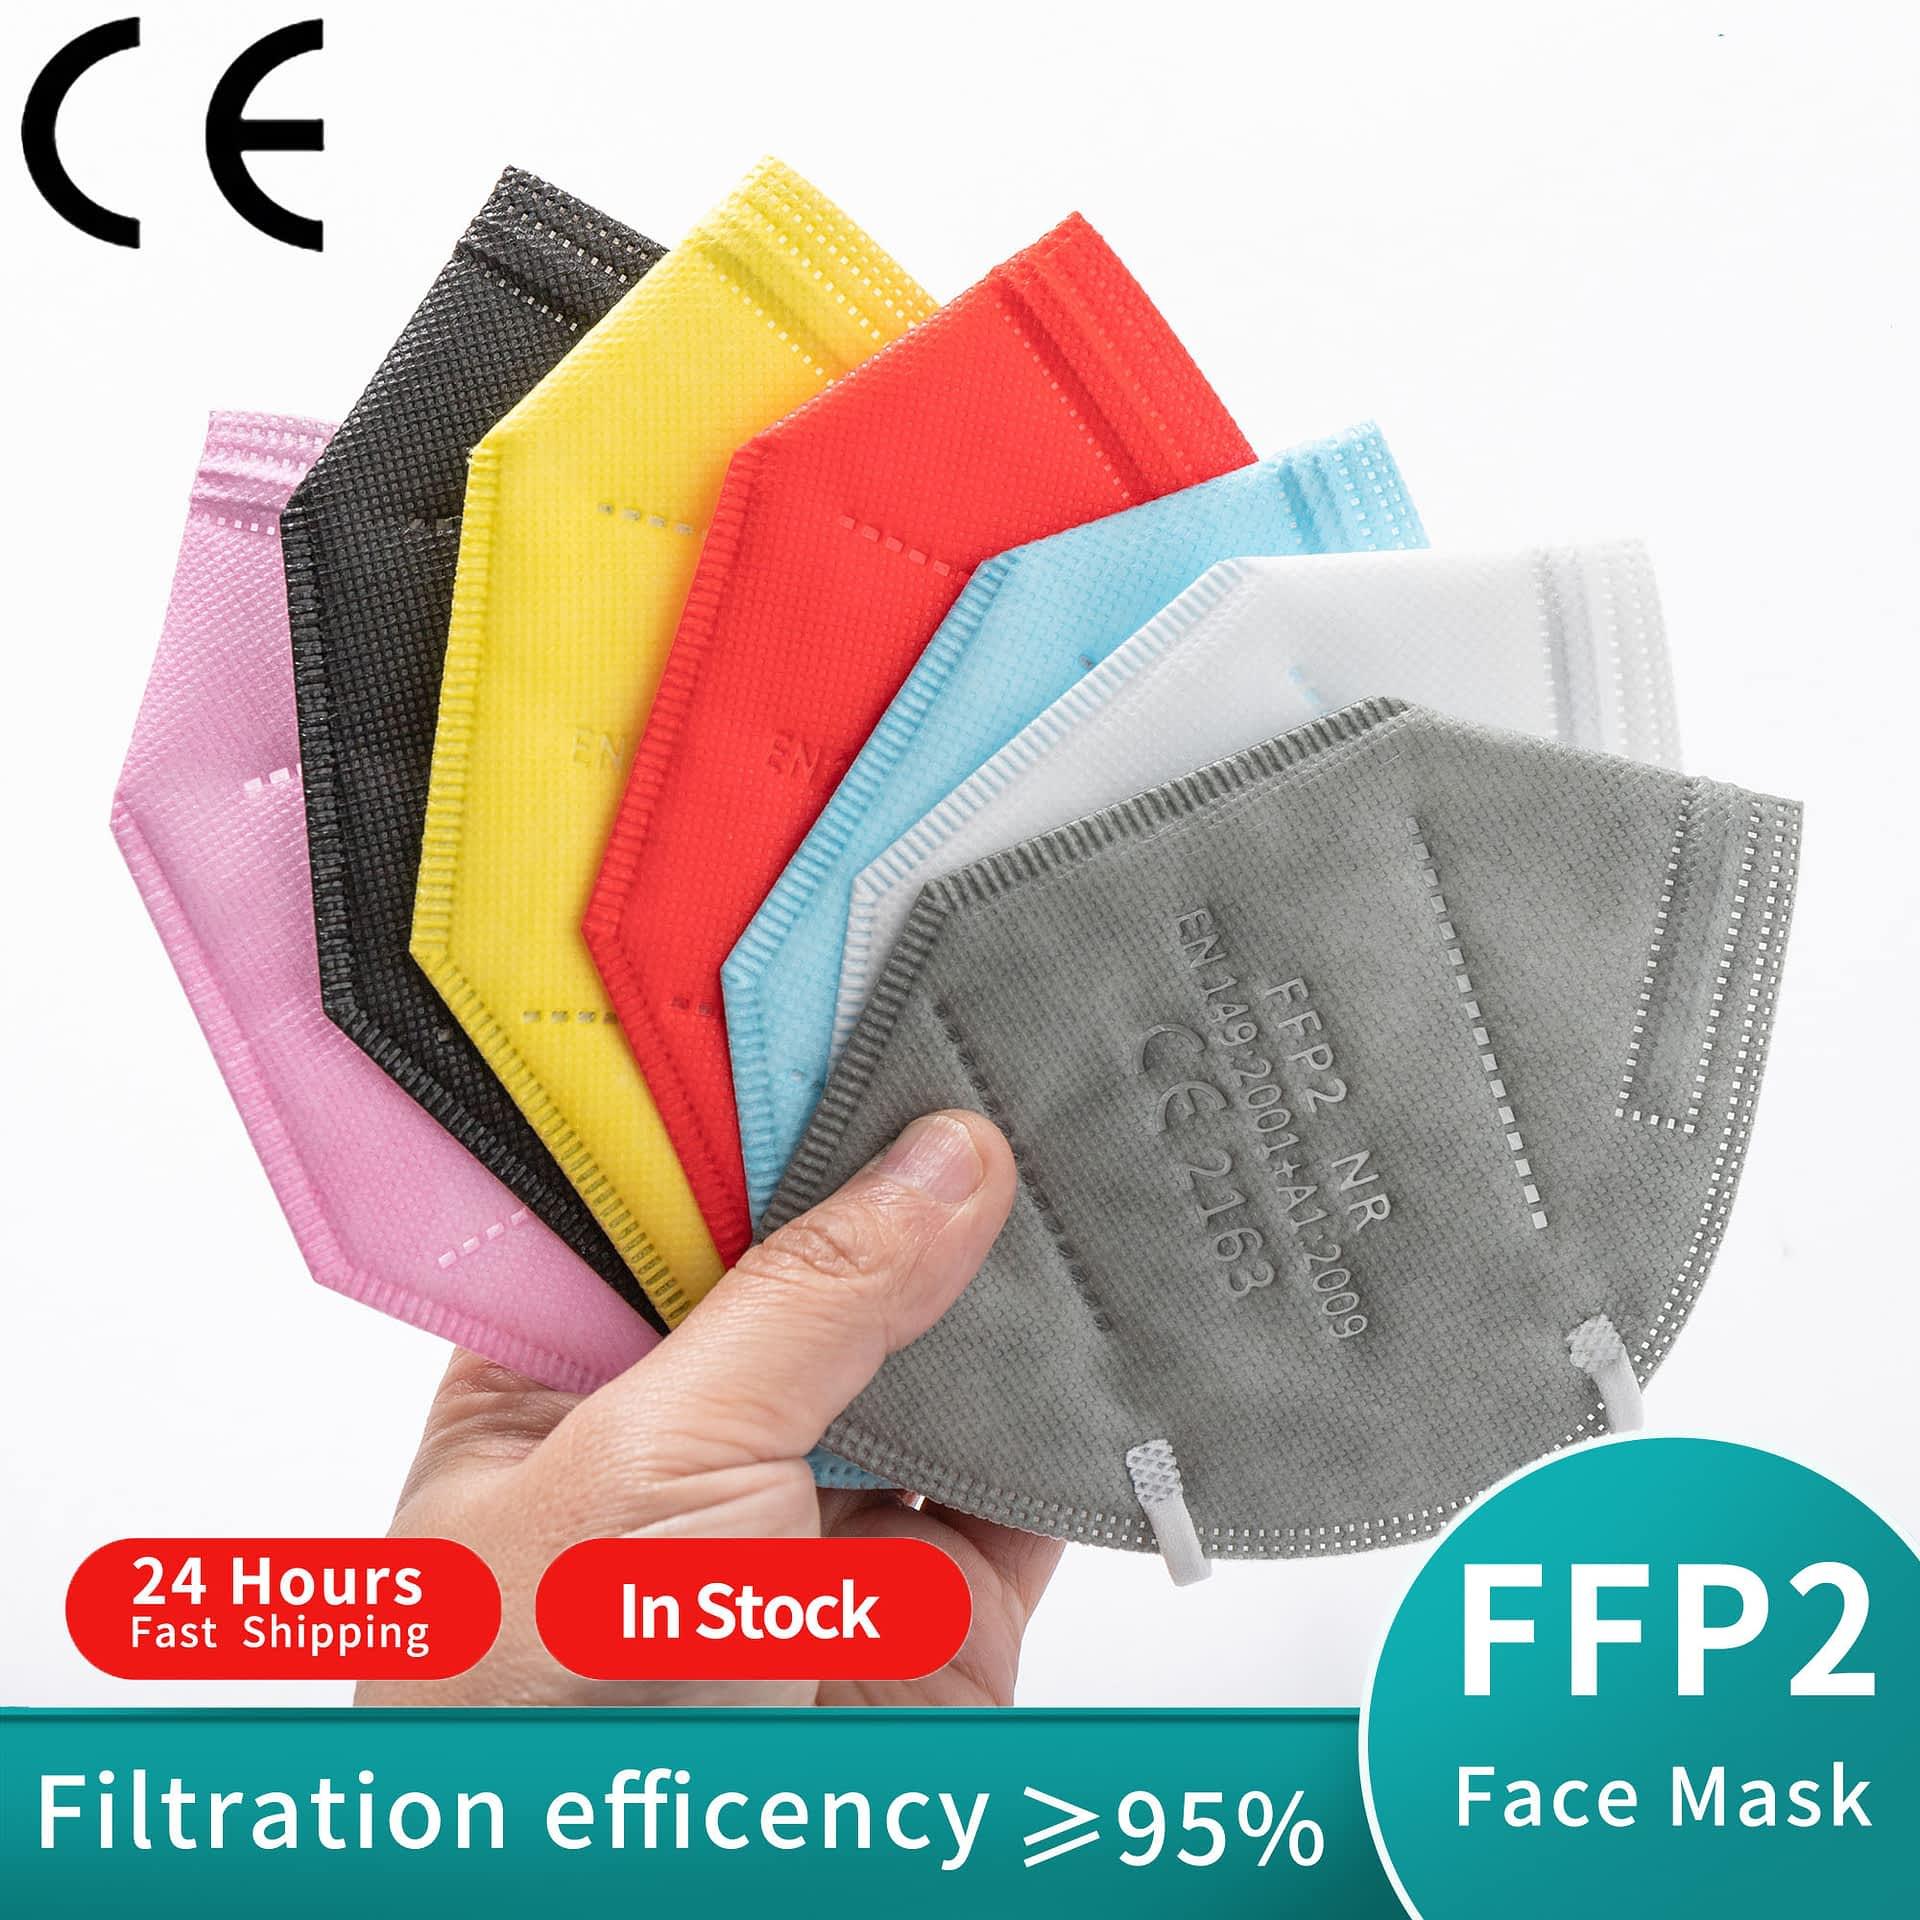 1-100Pieces-Face-Masks-fpp2-Approved-europe-ffp2-mask-ffp2mask-ce-kn95-masks-ffp2reutilizable-Black-mask-7.jpg